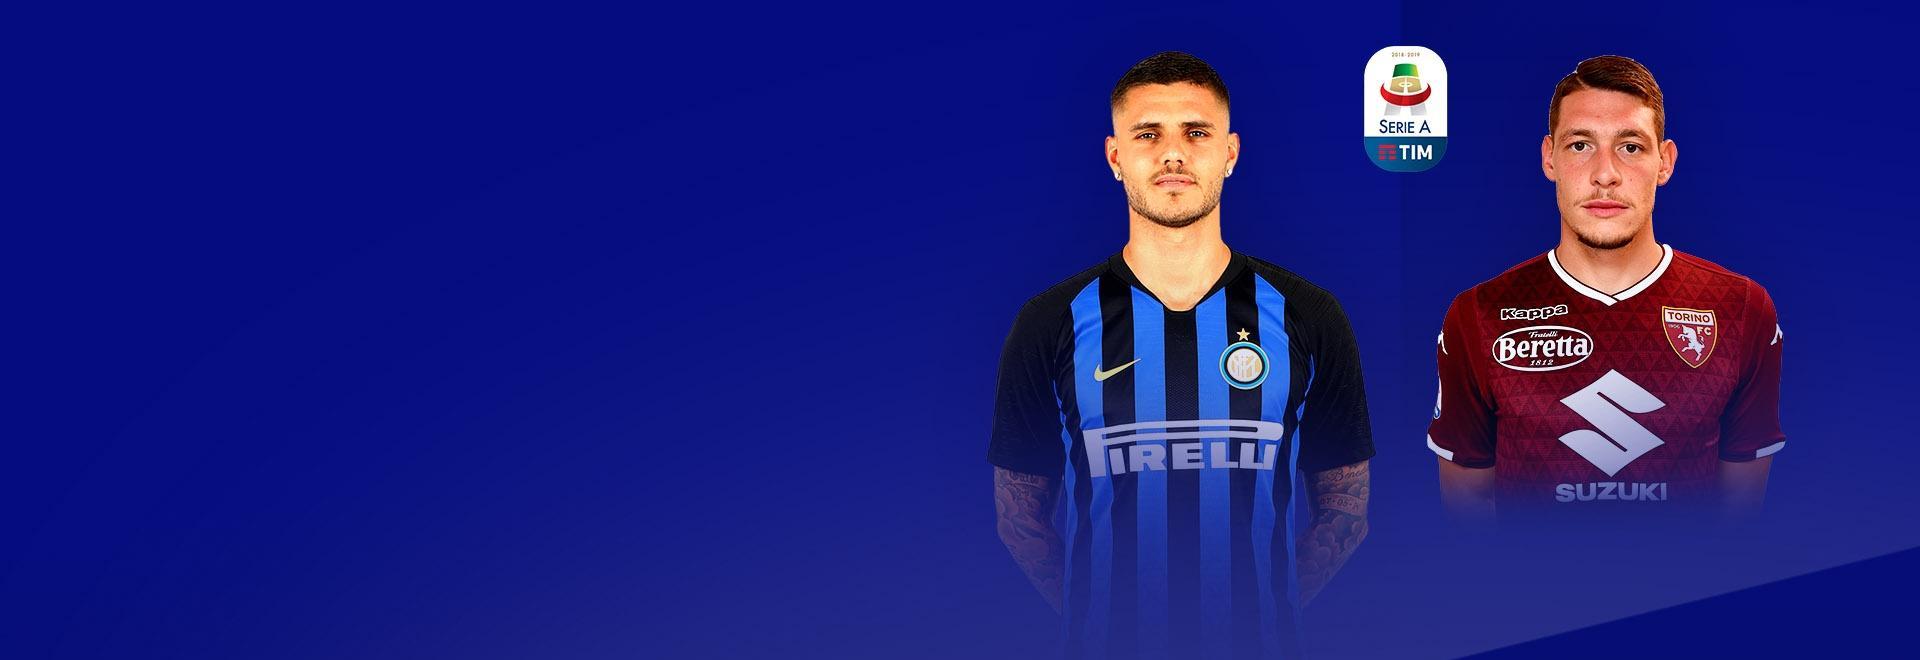 Inter - Torino. 2a g.